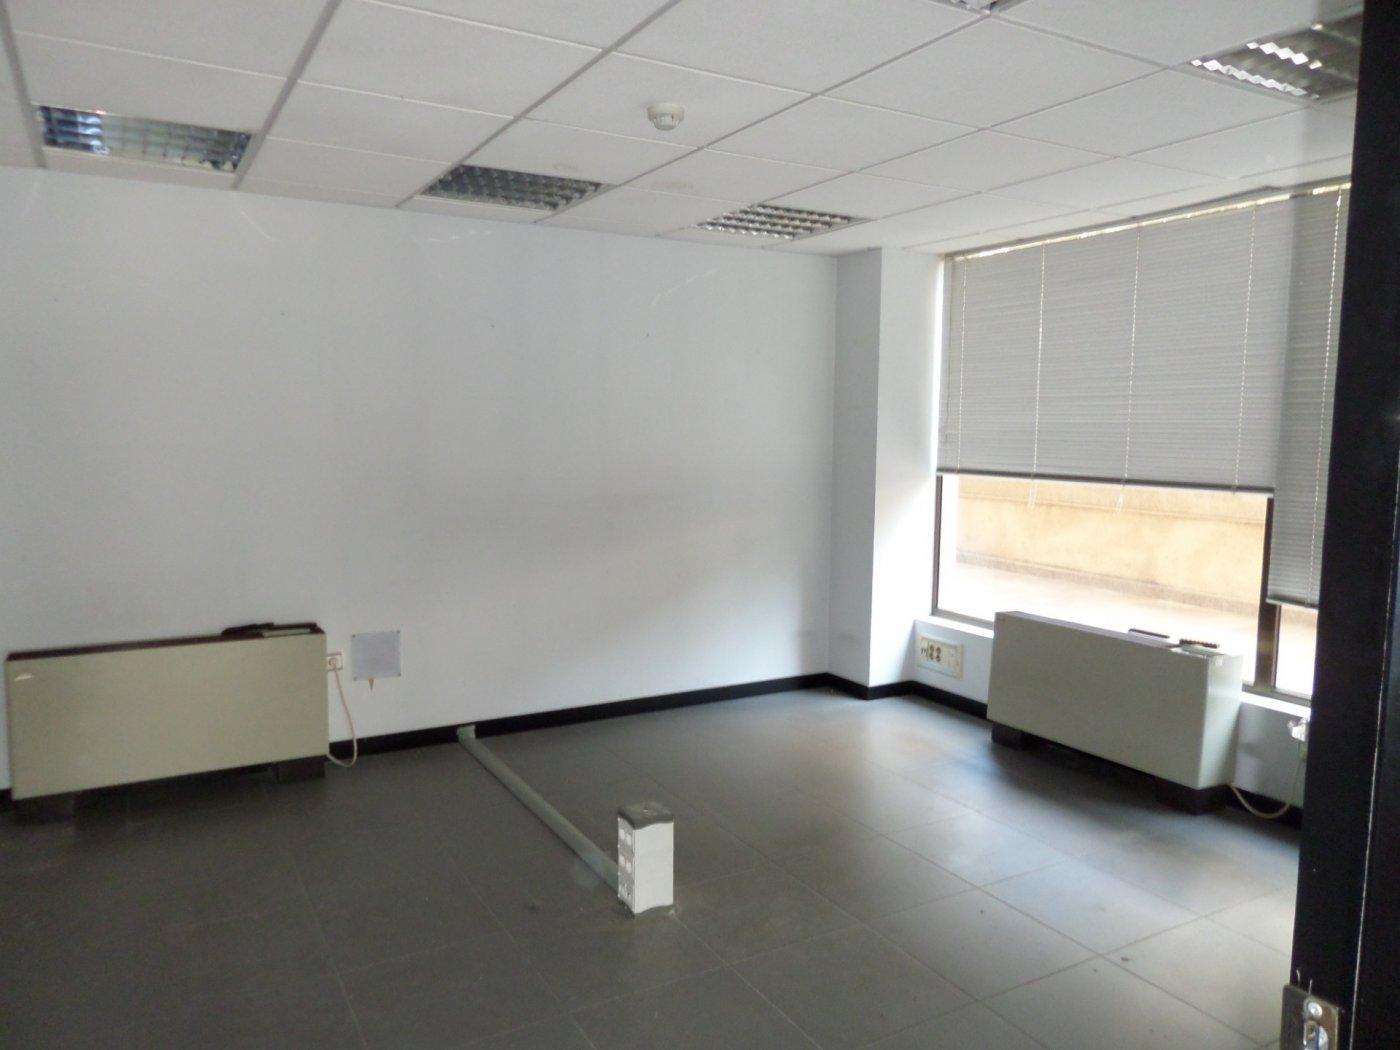 ALQUILER LOCAL COMERCIAL CENTRO ZONA CENTROFAMA, 170 M2. EN 2 ALTURAS, 2 ASEO, BUEN ESTADO